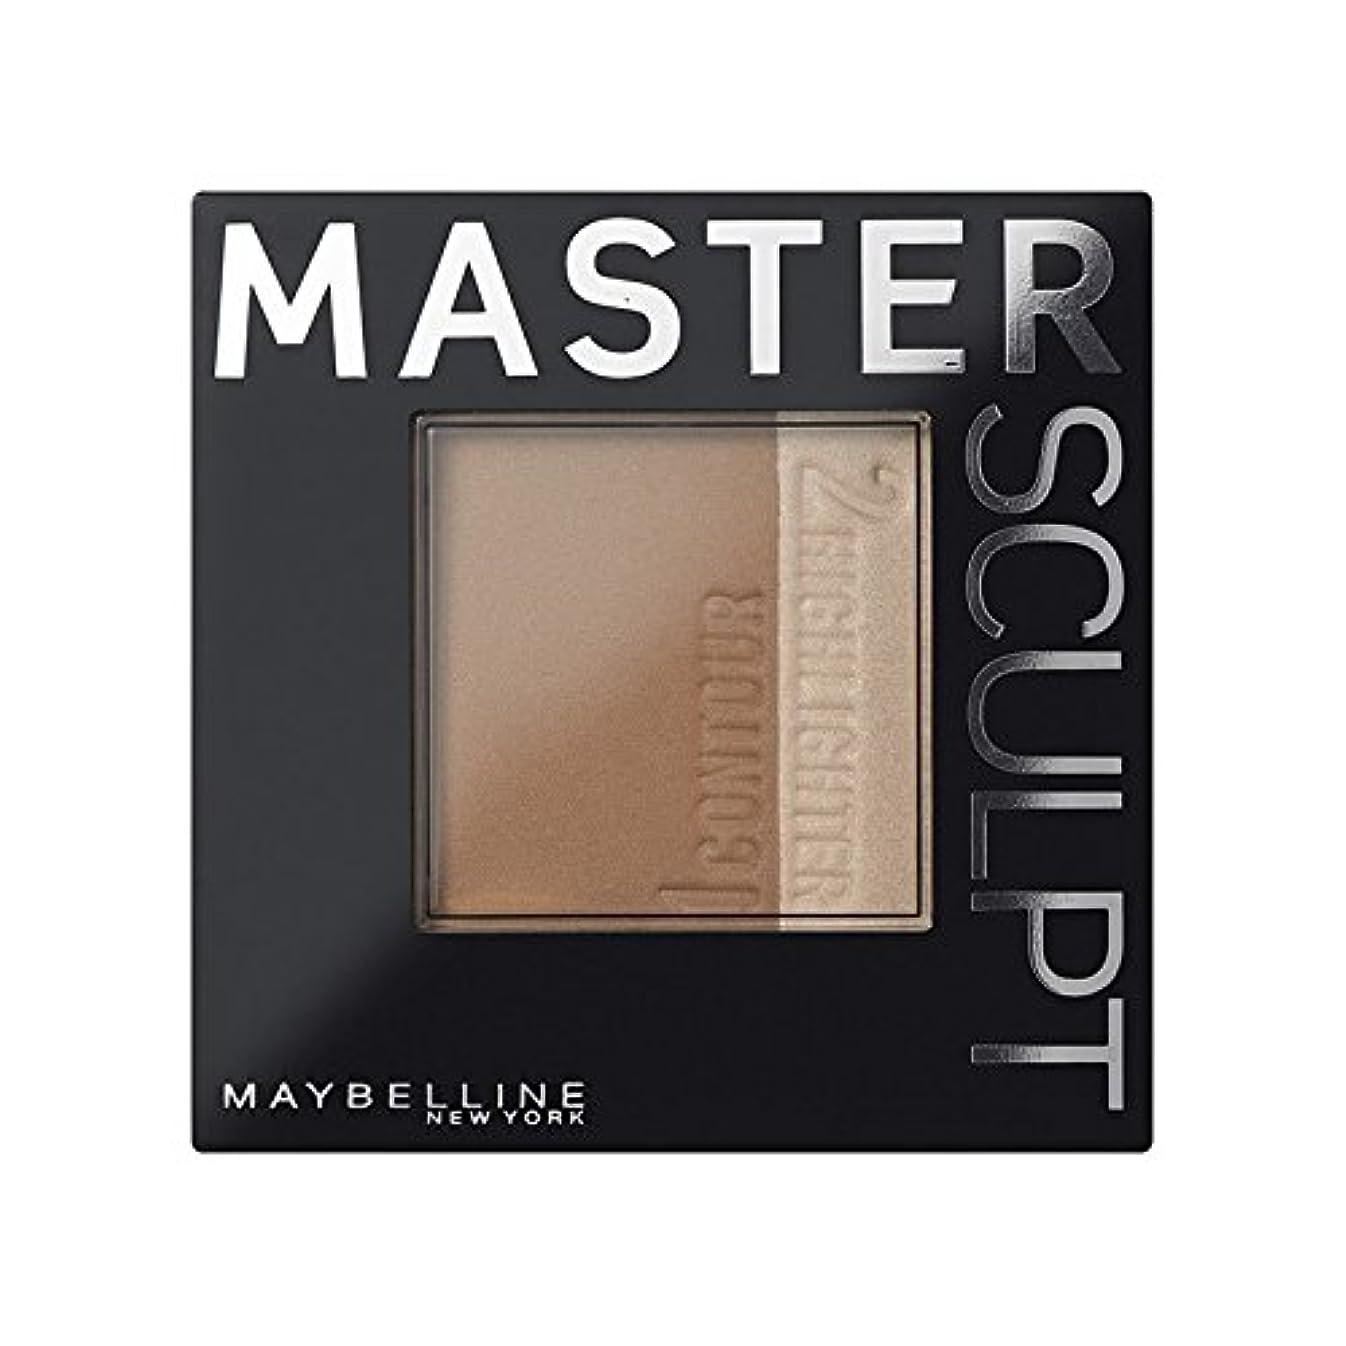 増幅シソーラスゴミMaybelline Master Sculpt Contouring Foundation 01 Light/Med (Pack of 6) - 土台01光/ を輪郭メイベリンマスタースカルプト x6 [並行輸入品]